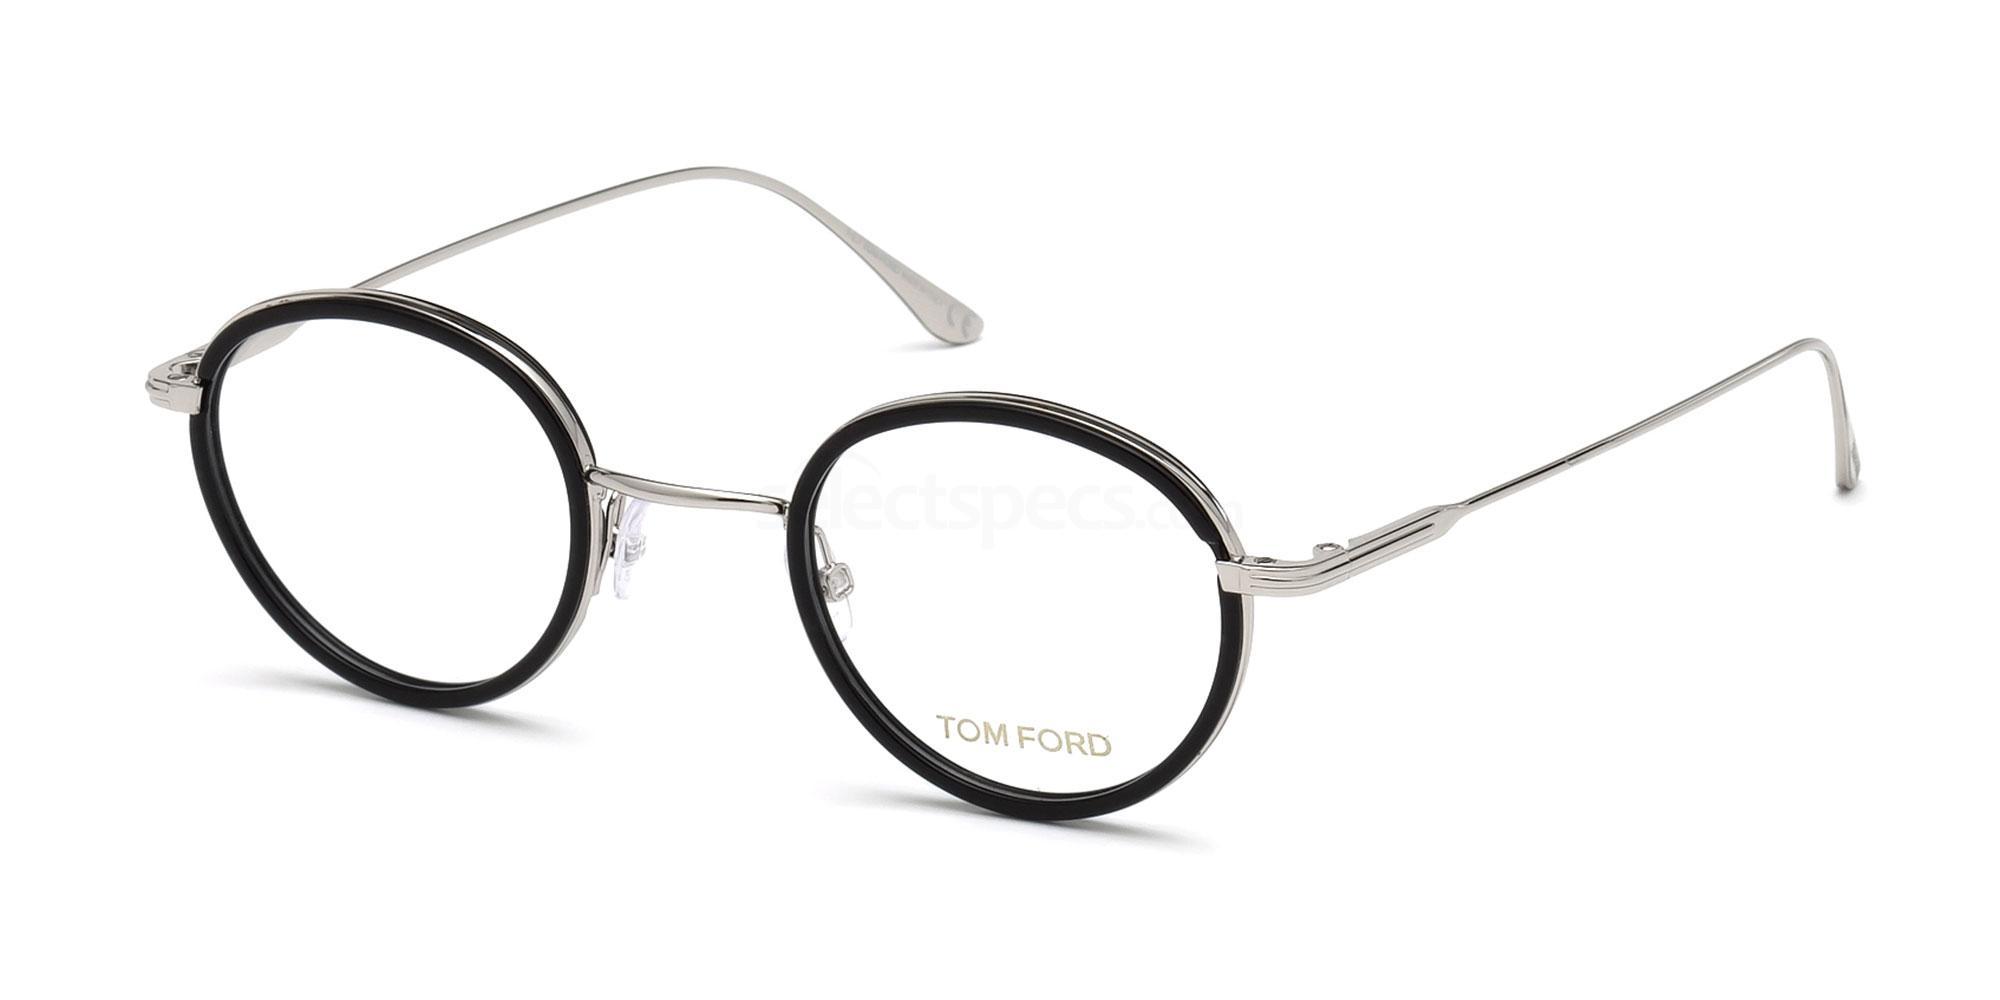 001 FT5521 Glasses, Tom Ford